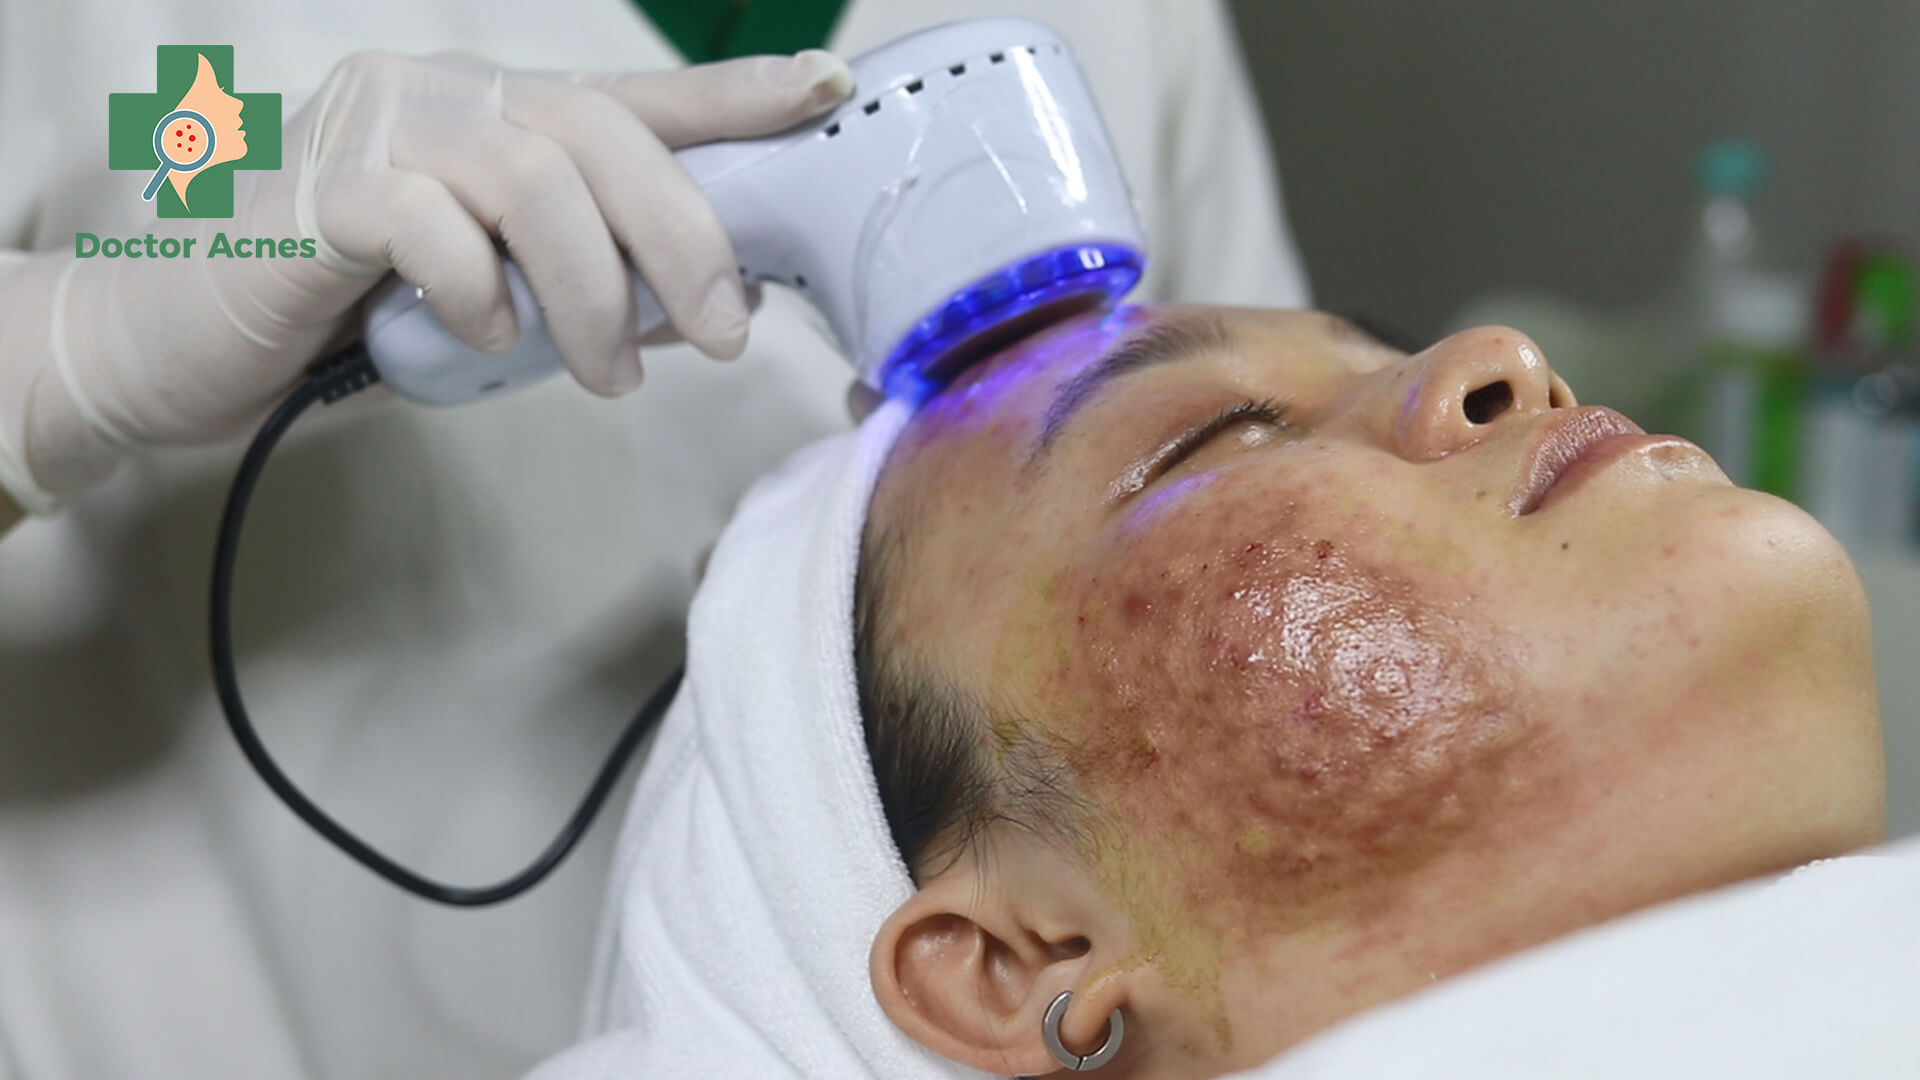 Sử dụng búa lạnh đã được vô khuẩn áp lên vị trí tiêm giúp thư giãn làn da và giảm độ phồng nốt tiêm